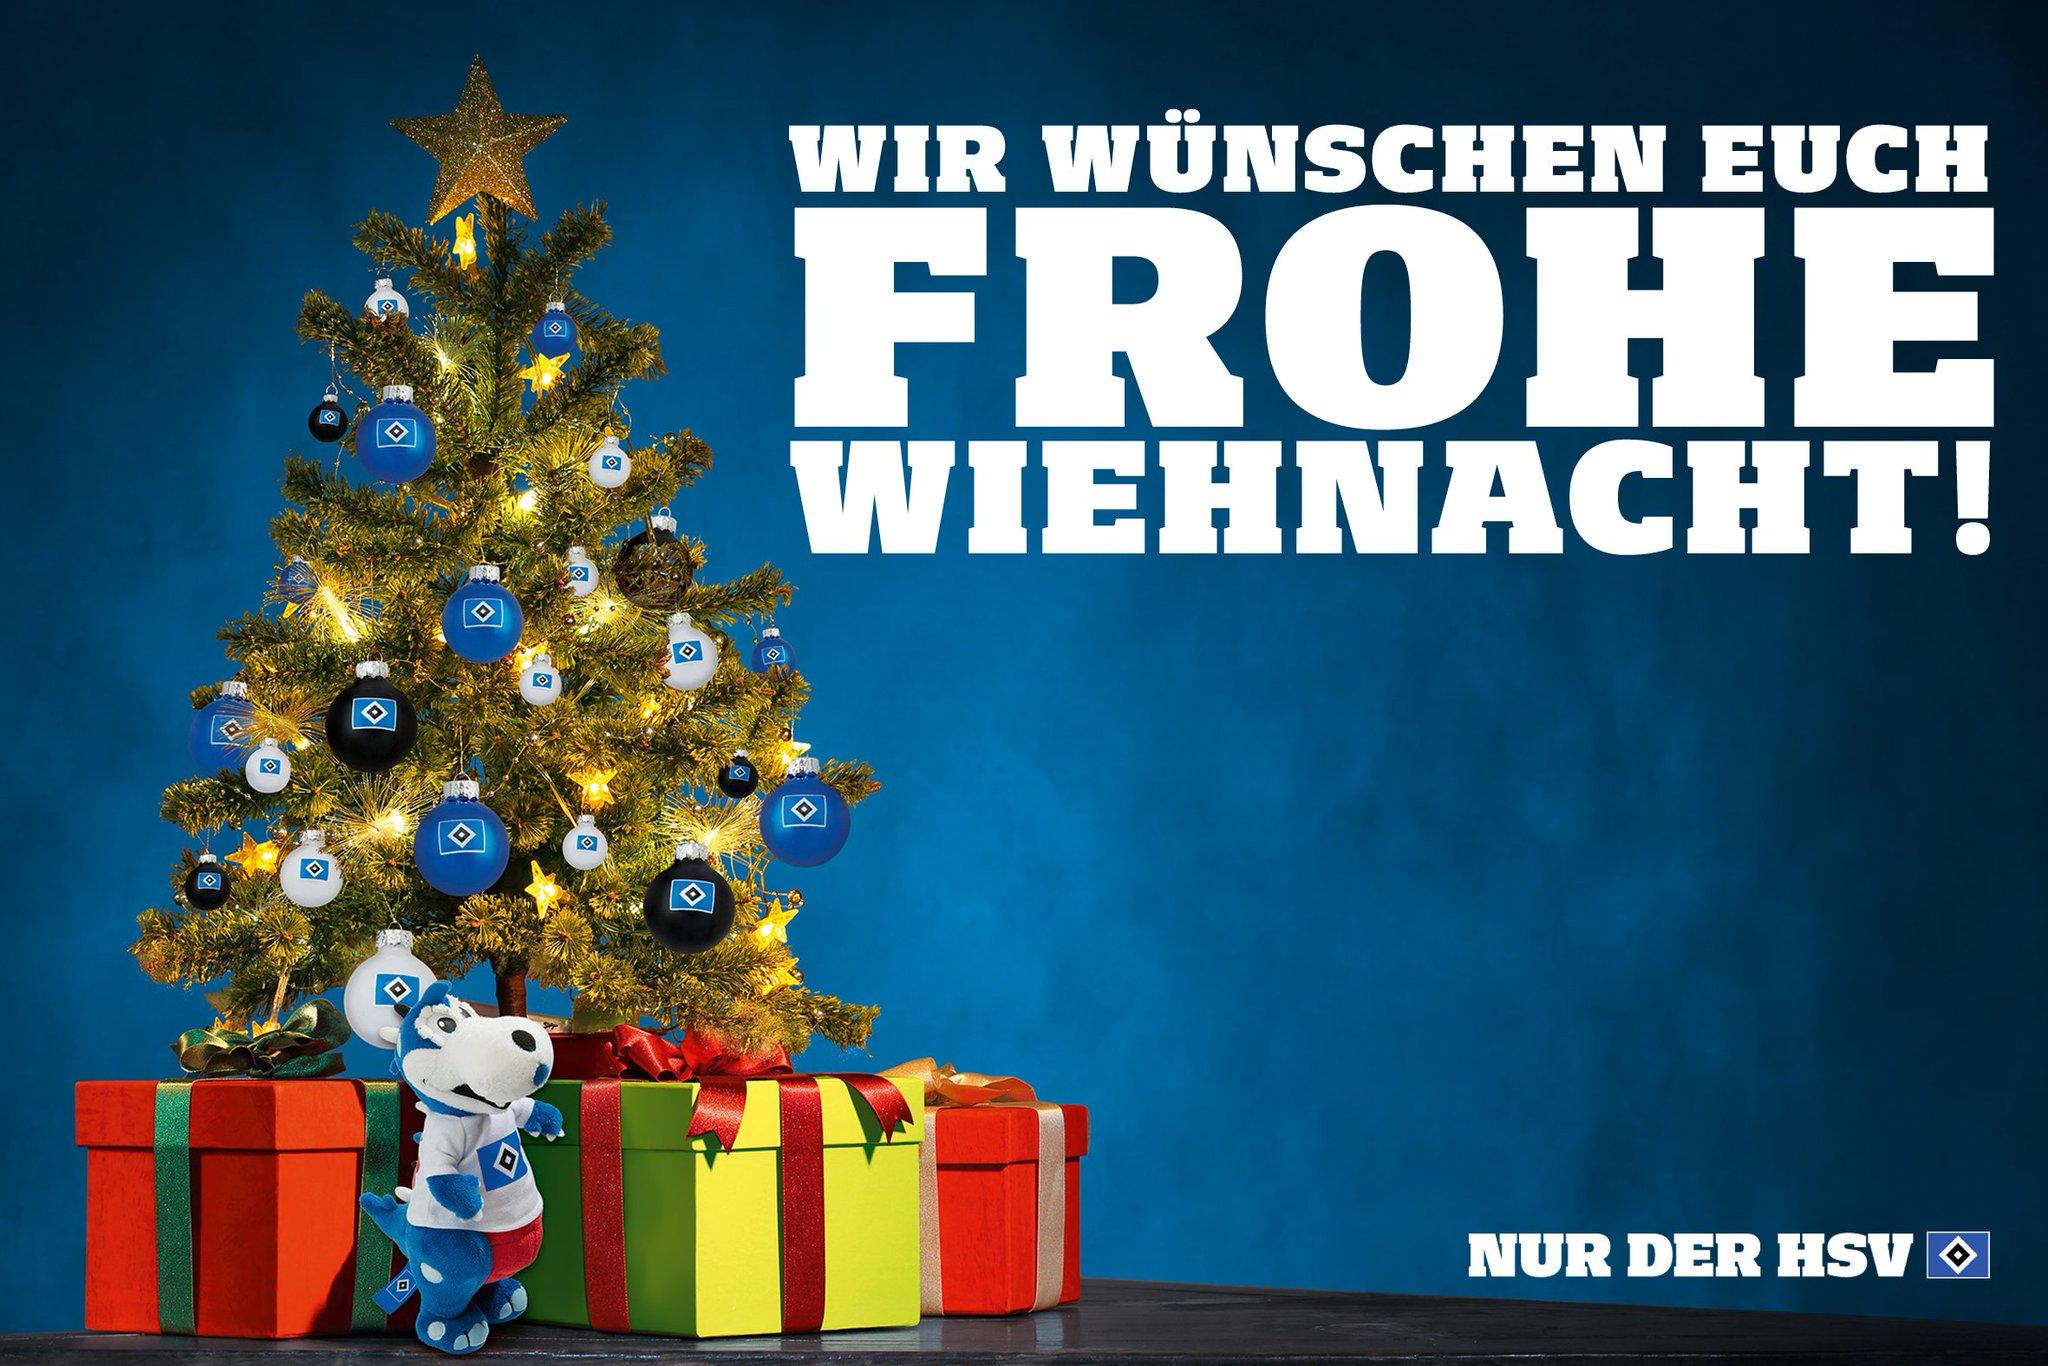 Frohe Weihnachten Hsv.Hamburger Sv A Twitter Frohe Wiehnacht Liebe Hsv Fans Nur